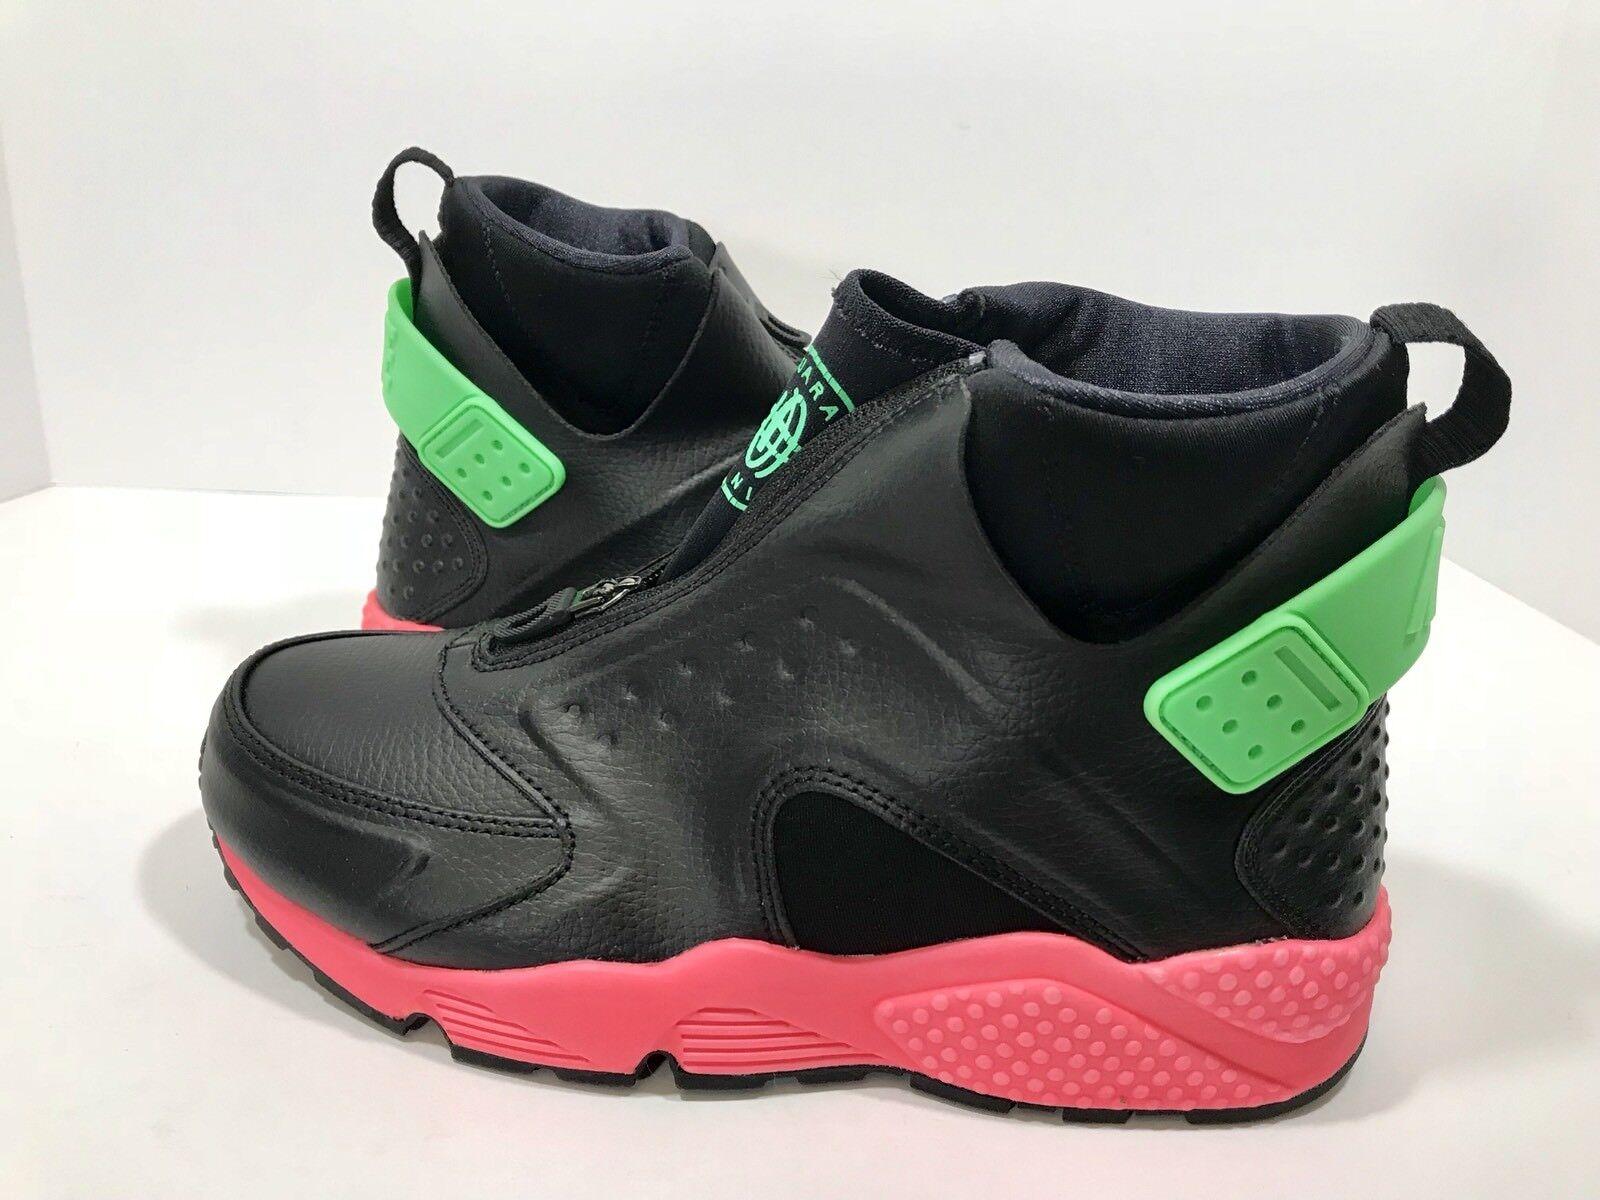 New  Nike Air Huarach  Run Mid nero  Hot Punch donna 65533;s Dimensione 8 scarpe 807313 -003  prezzi bassi di tutti i giorni